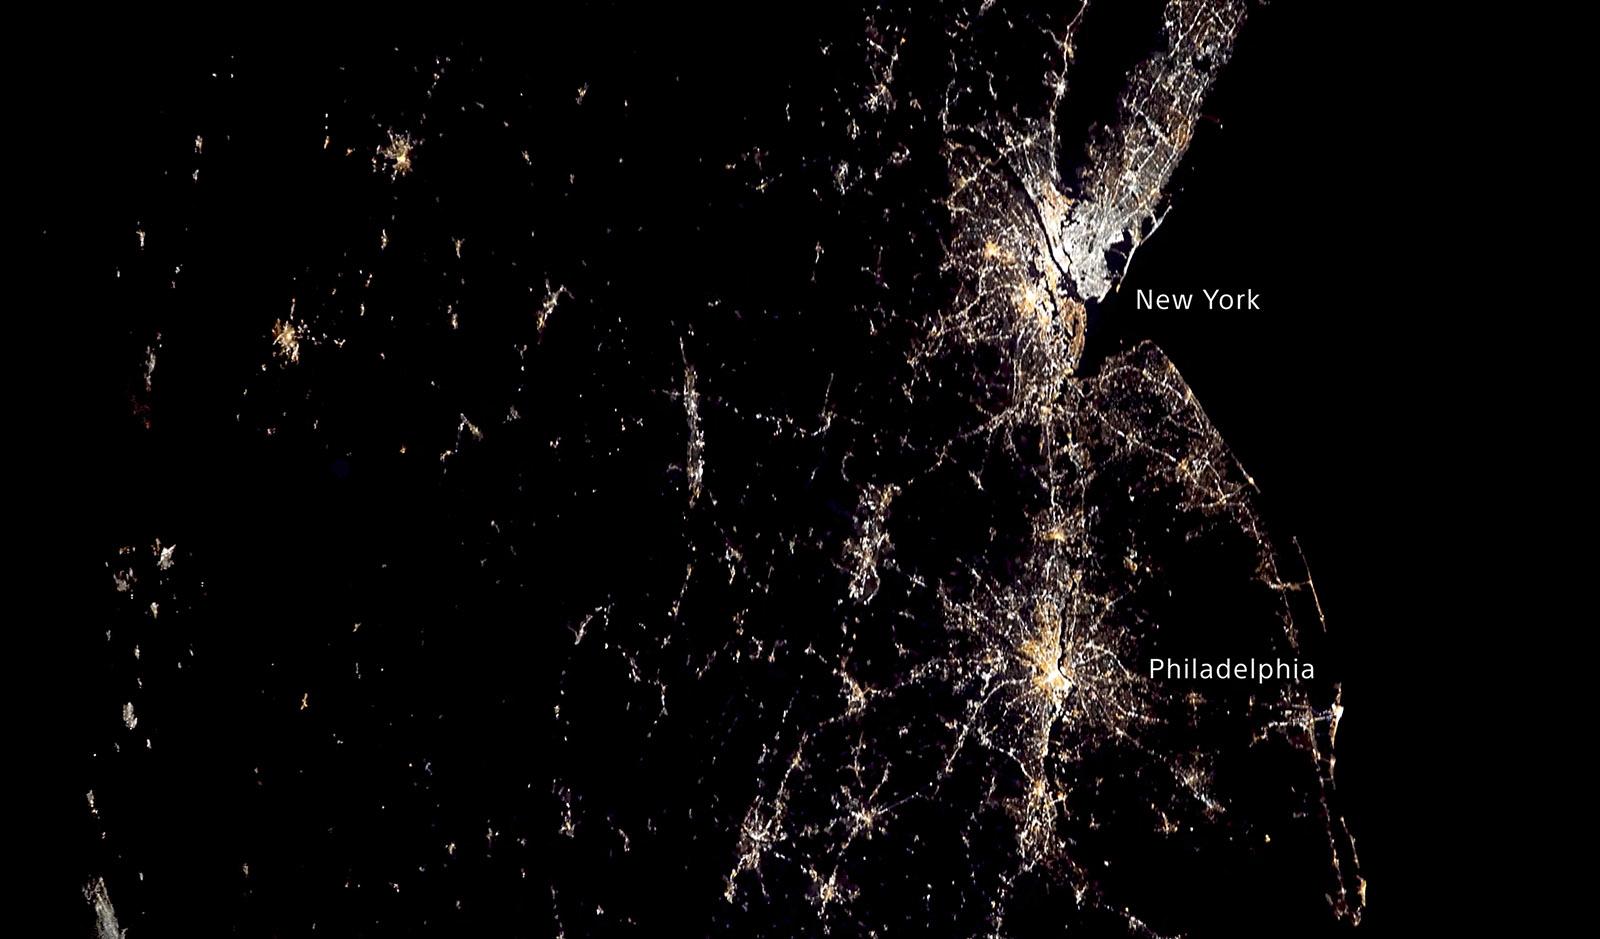 Sony manda su A7S II al espacio para grabar este espectacular vídeo nocturno en 4K